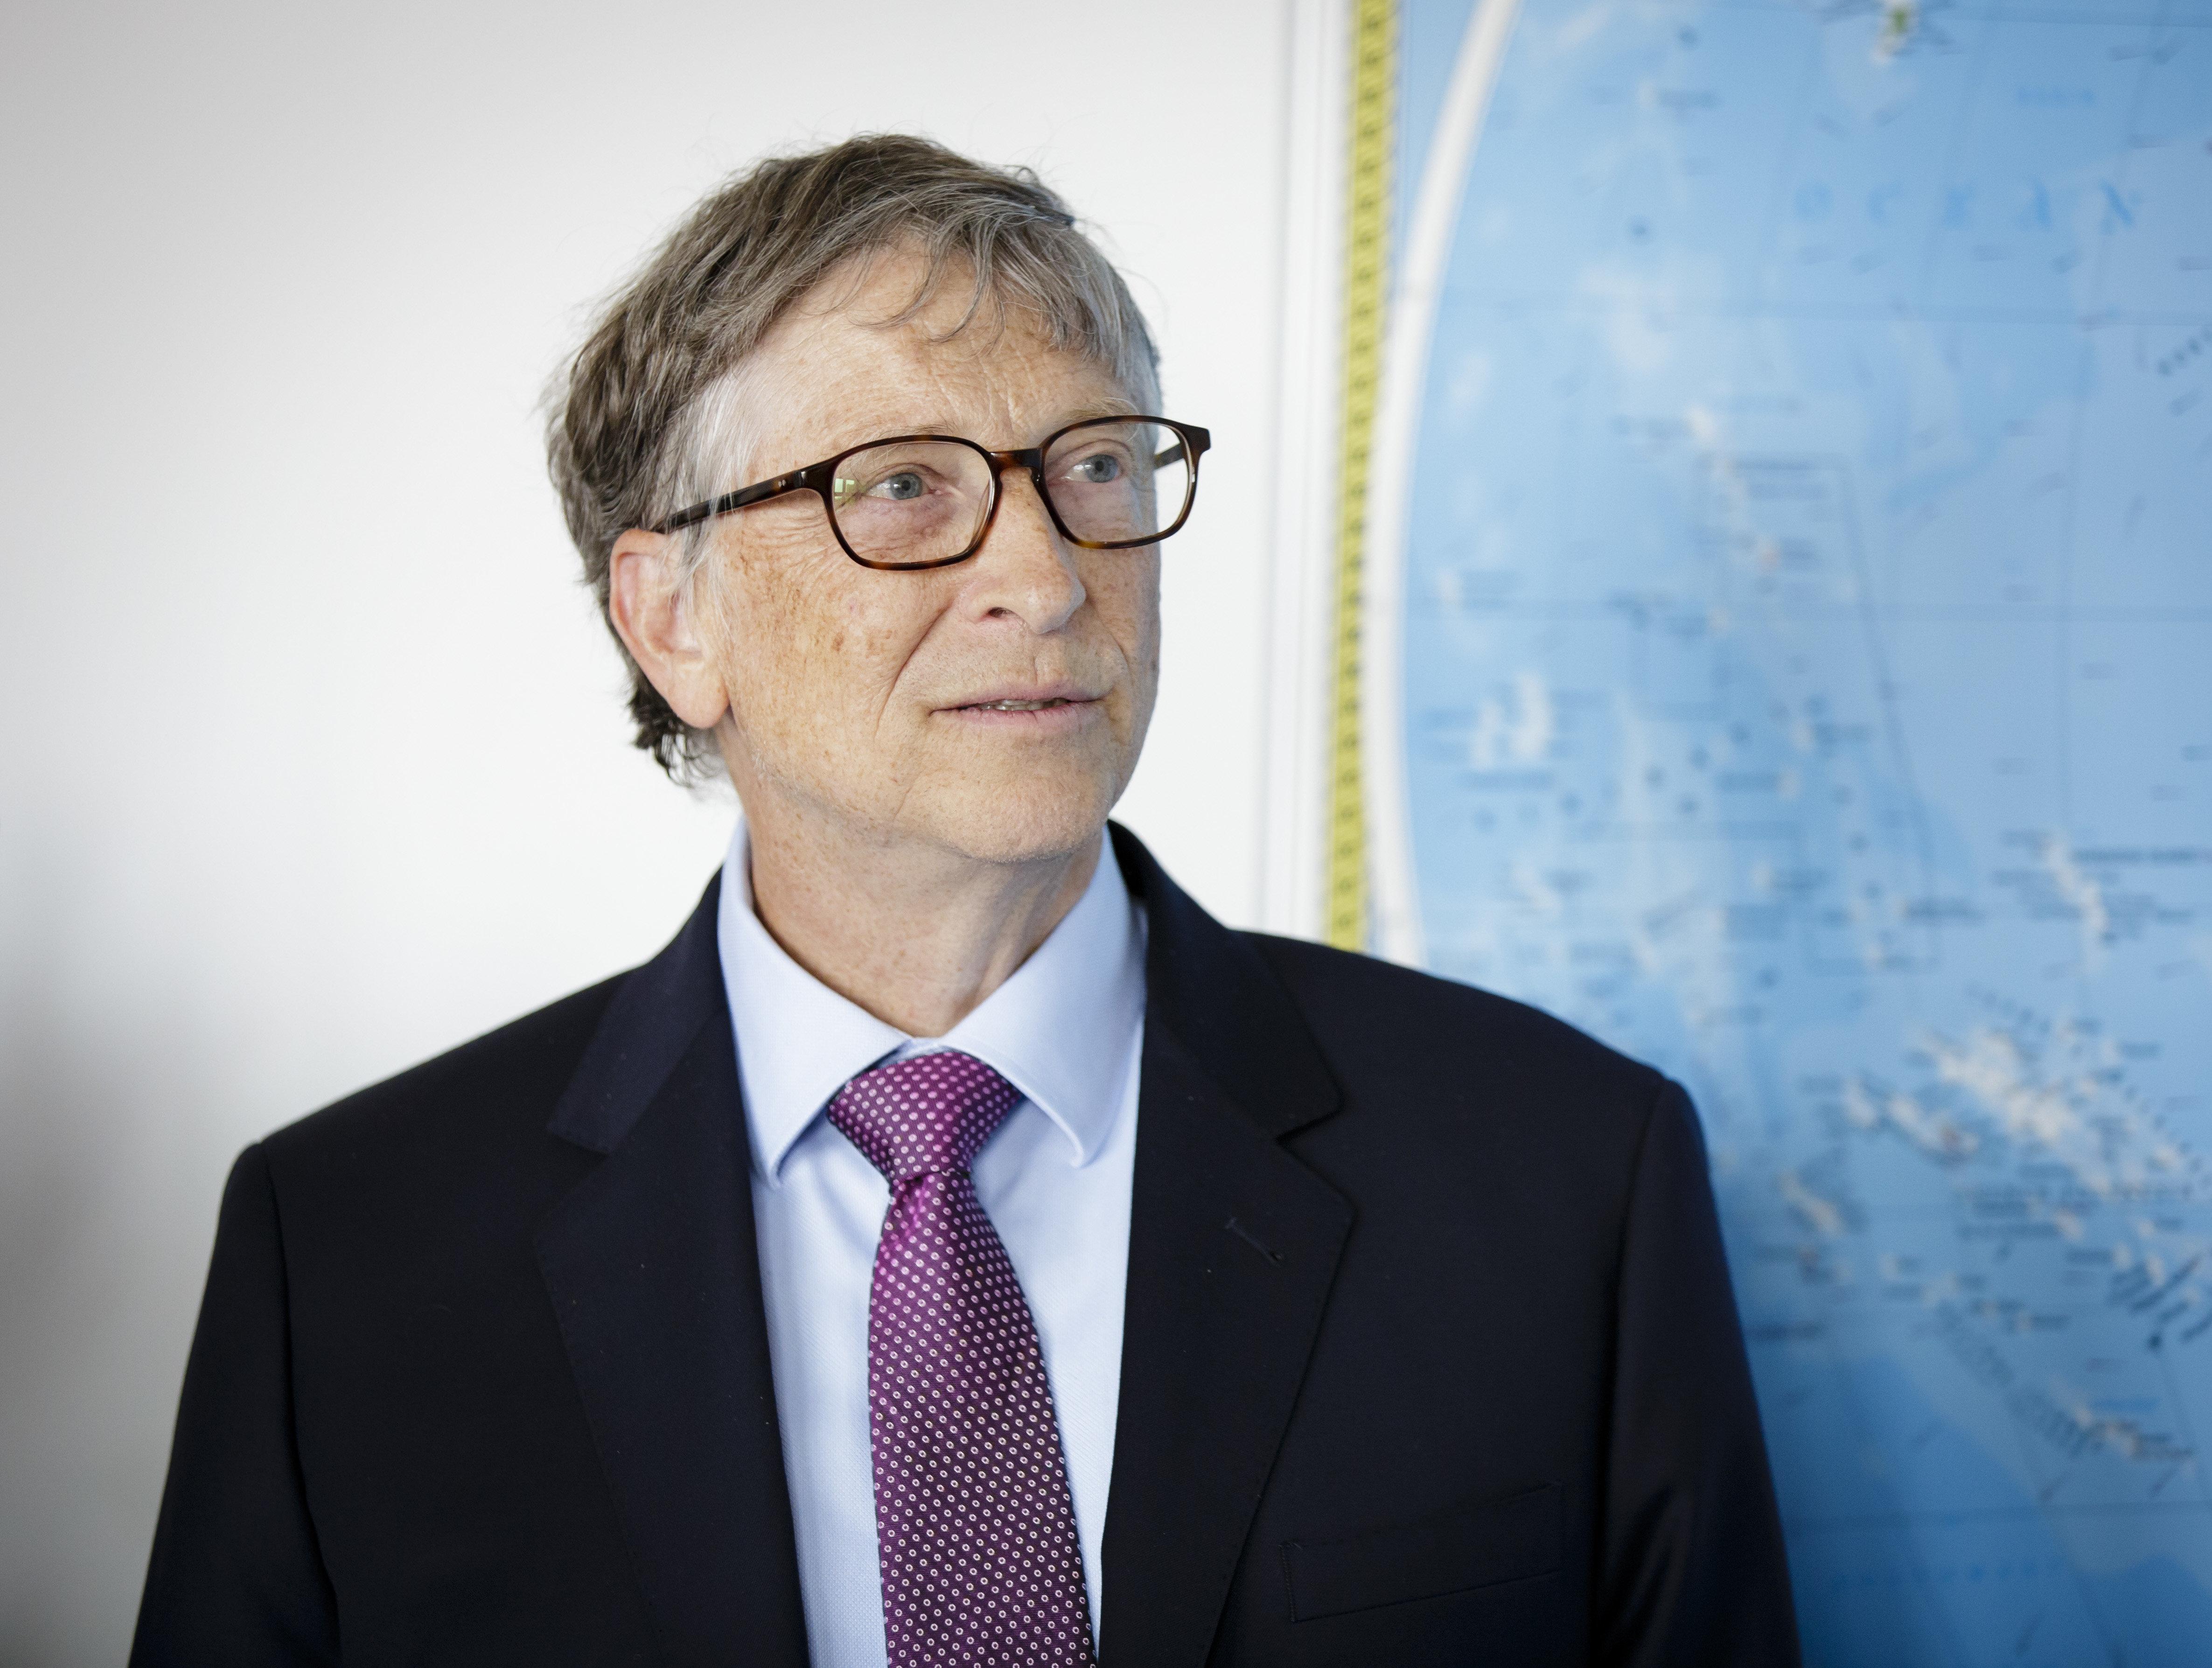 Millionen Leben in Gefahr: Wie Bill Gates gegen Killer-Grippe